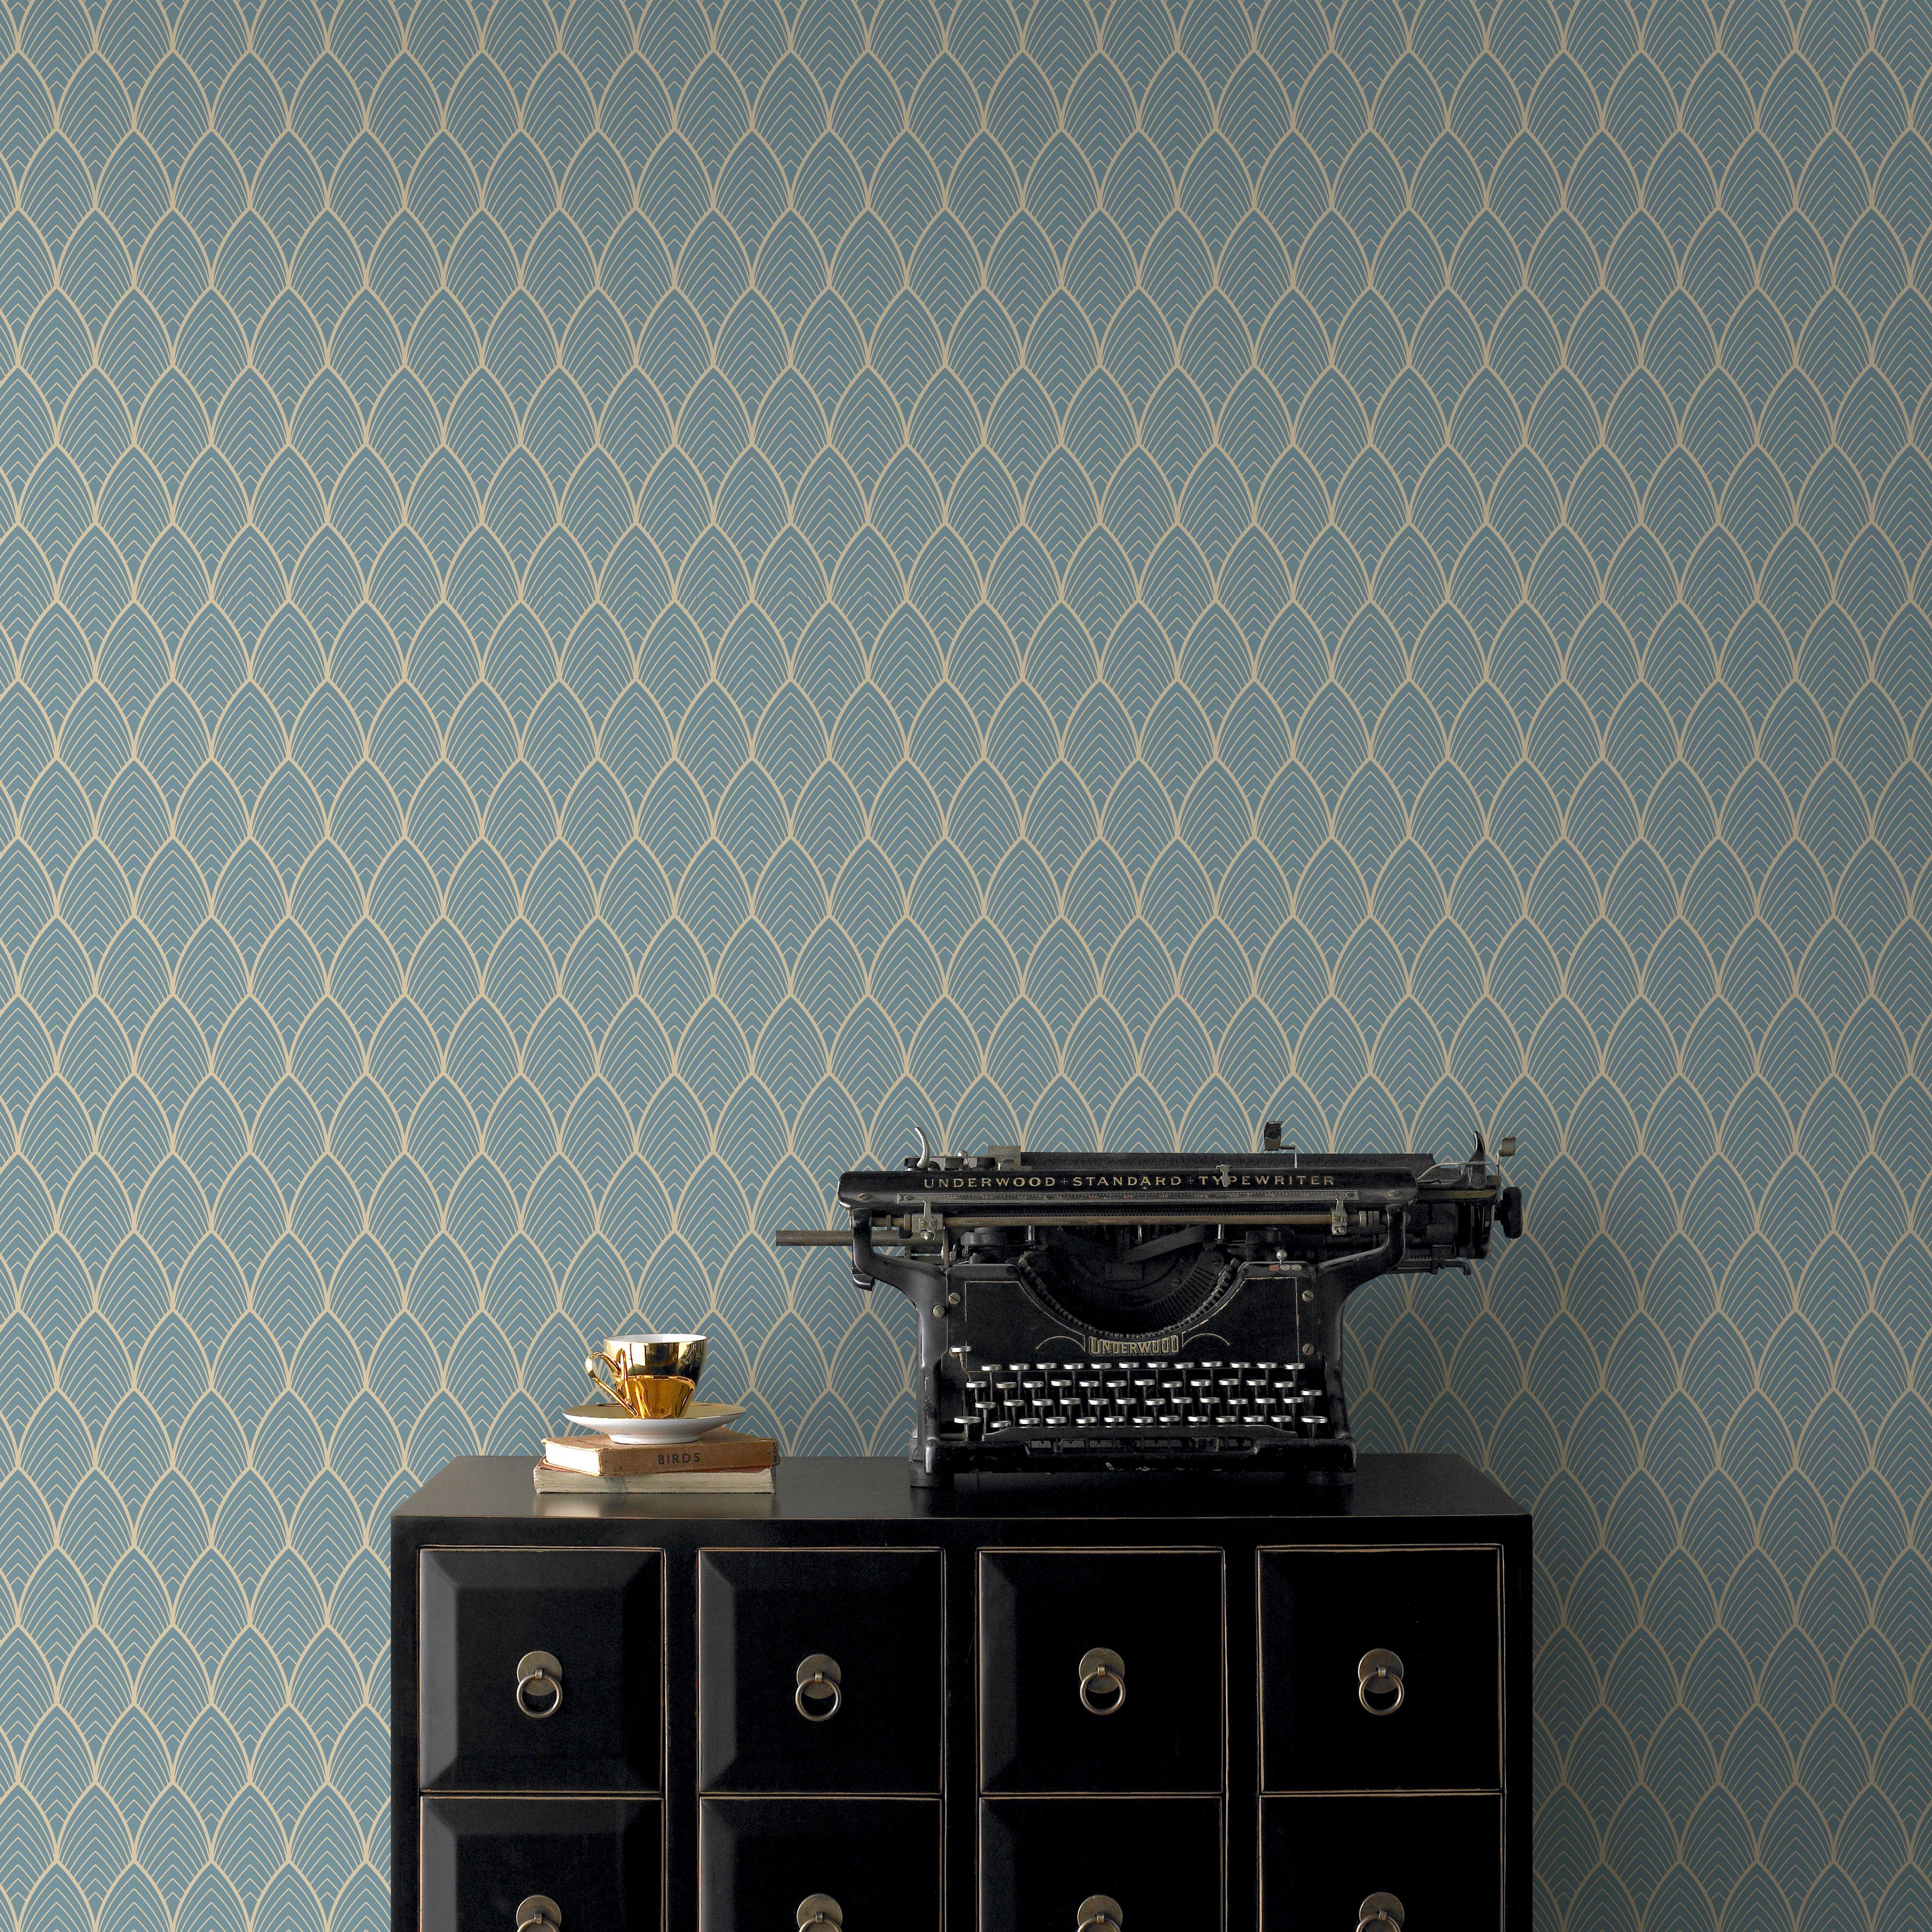 Papier peint intissé Bercy grainé bleu 1005x52cm